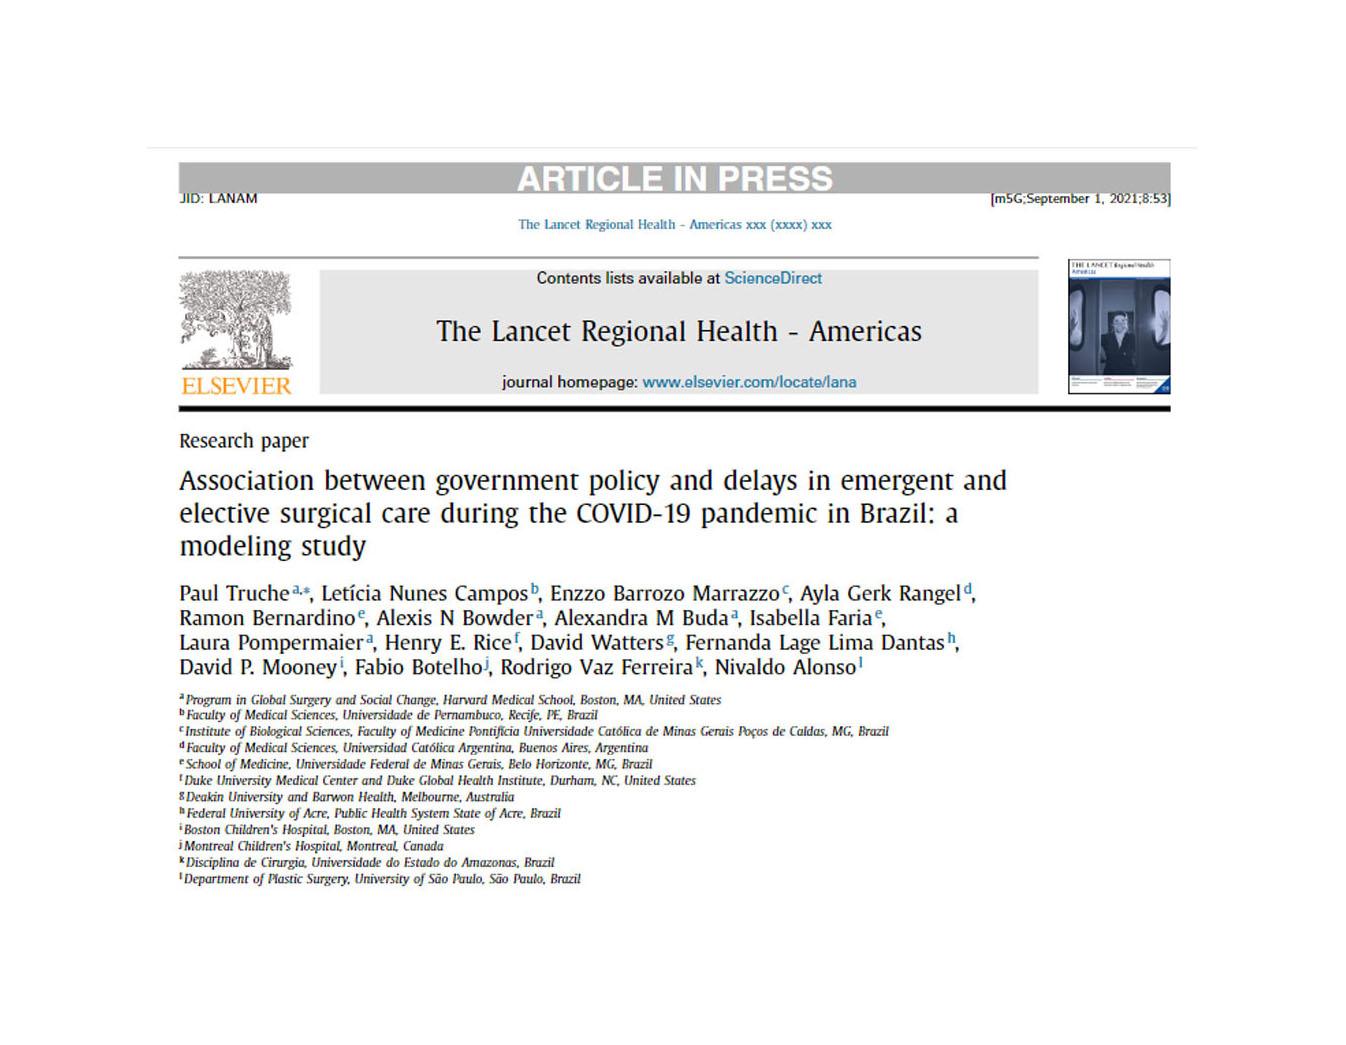 Estudo coordenado por especialista do HRAC-USP aponta necessidade de esforços governamentais coordenados para expansão de cirurgias eletivas